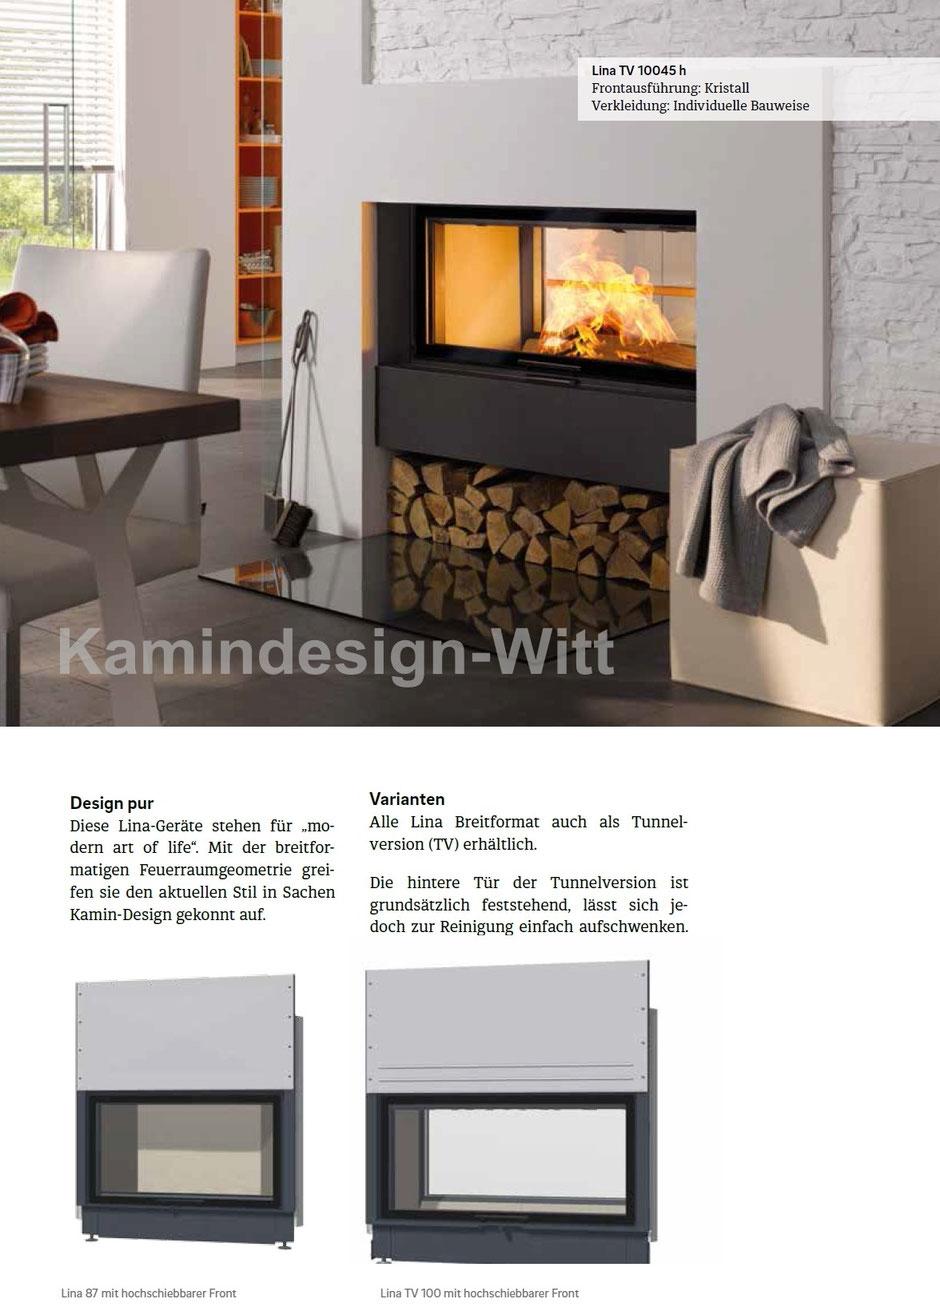 Schmid-Lina-67h-Kamineinsatz